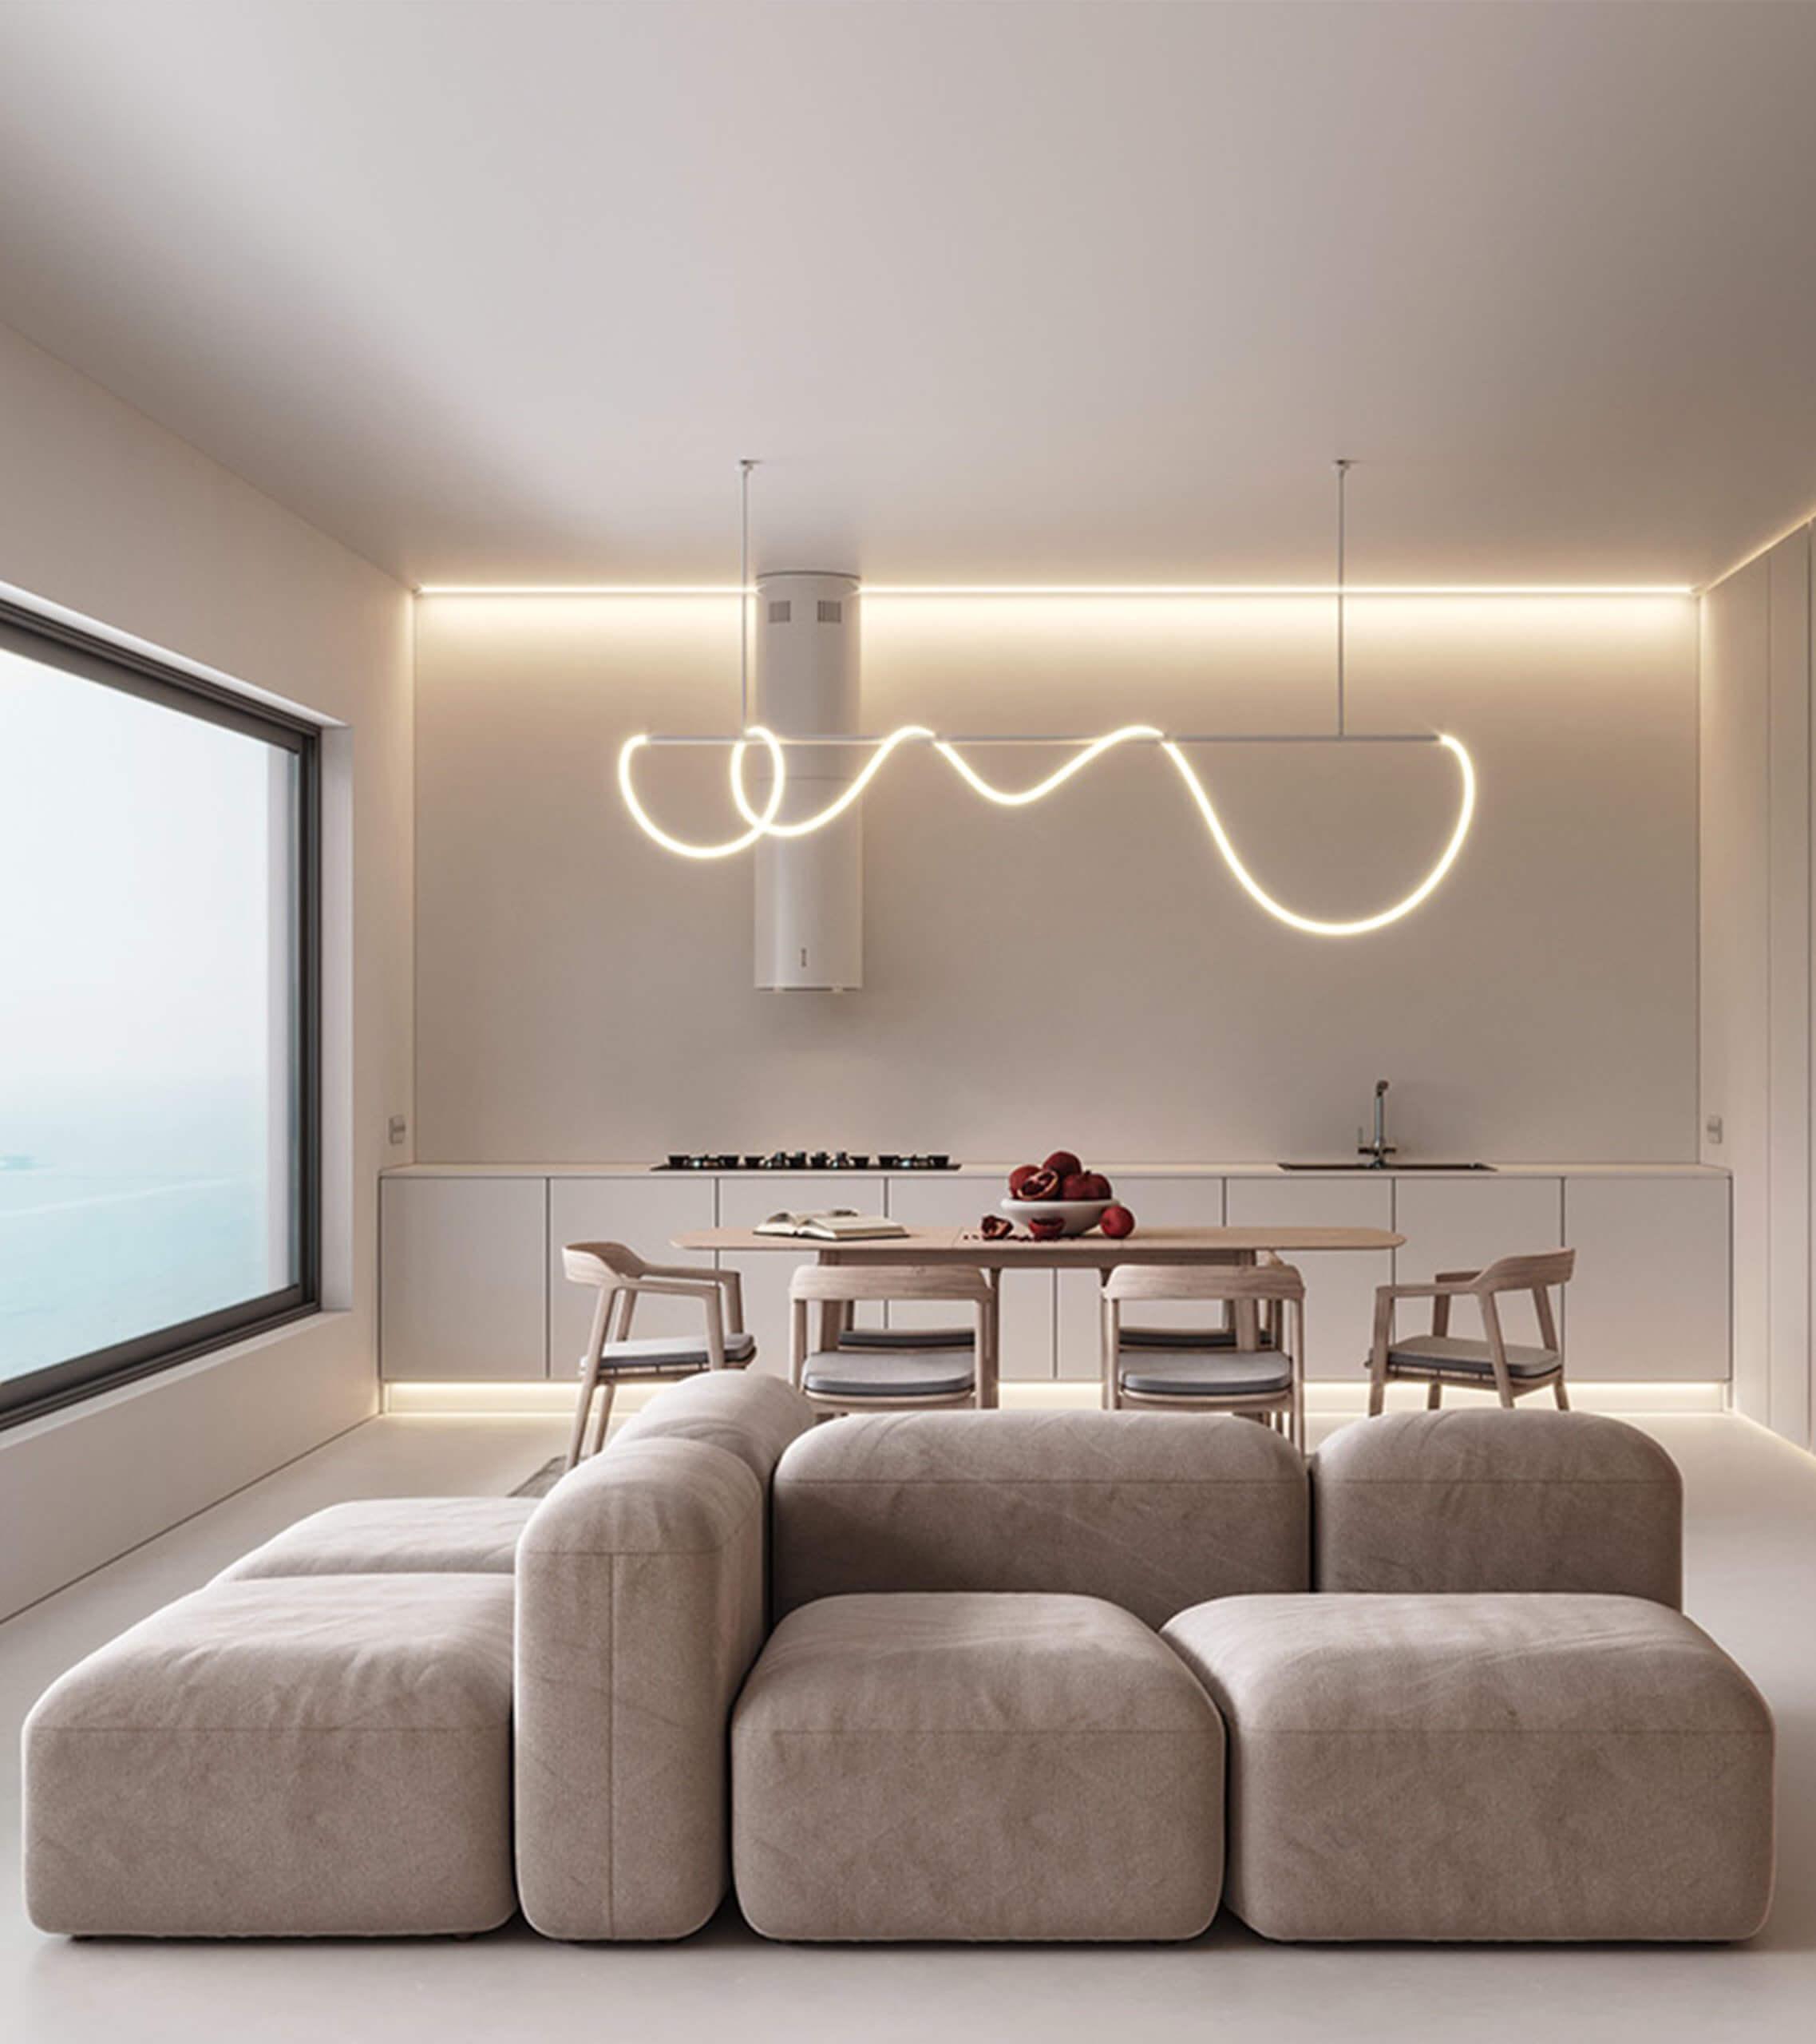 Ocean view interior design apartment - cgi visualization